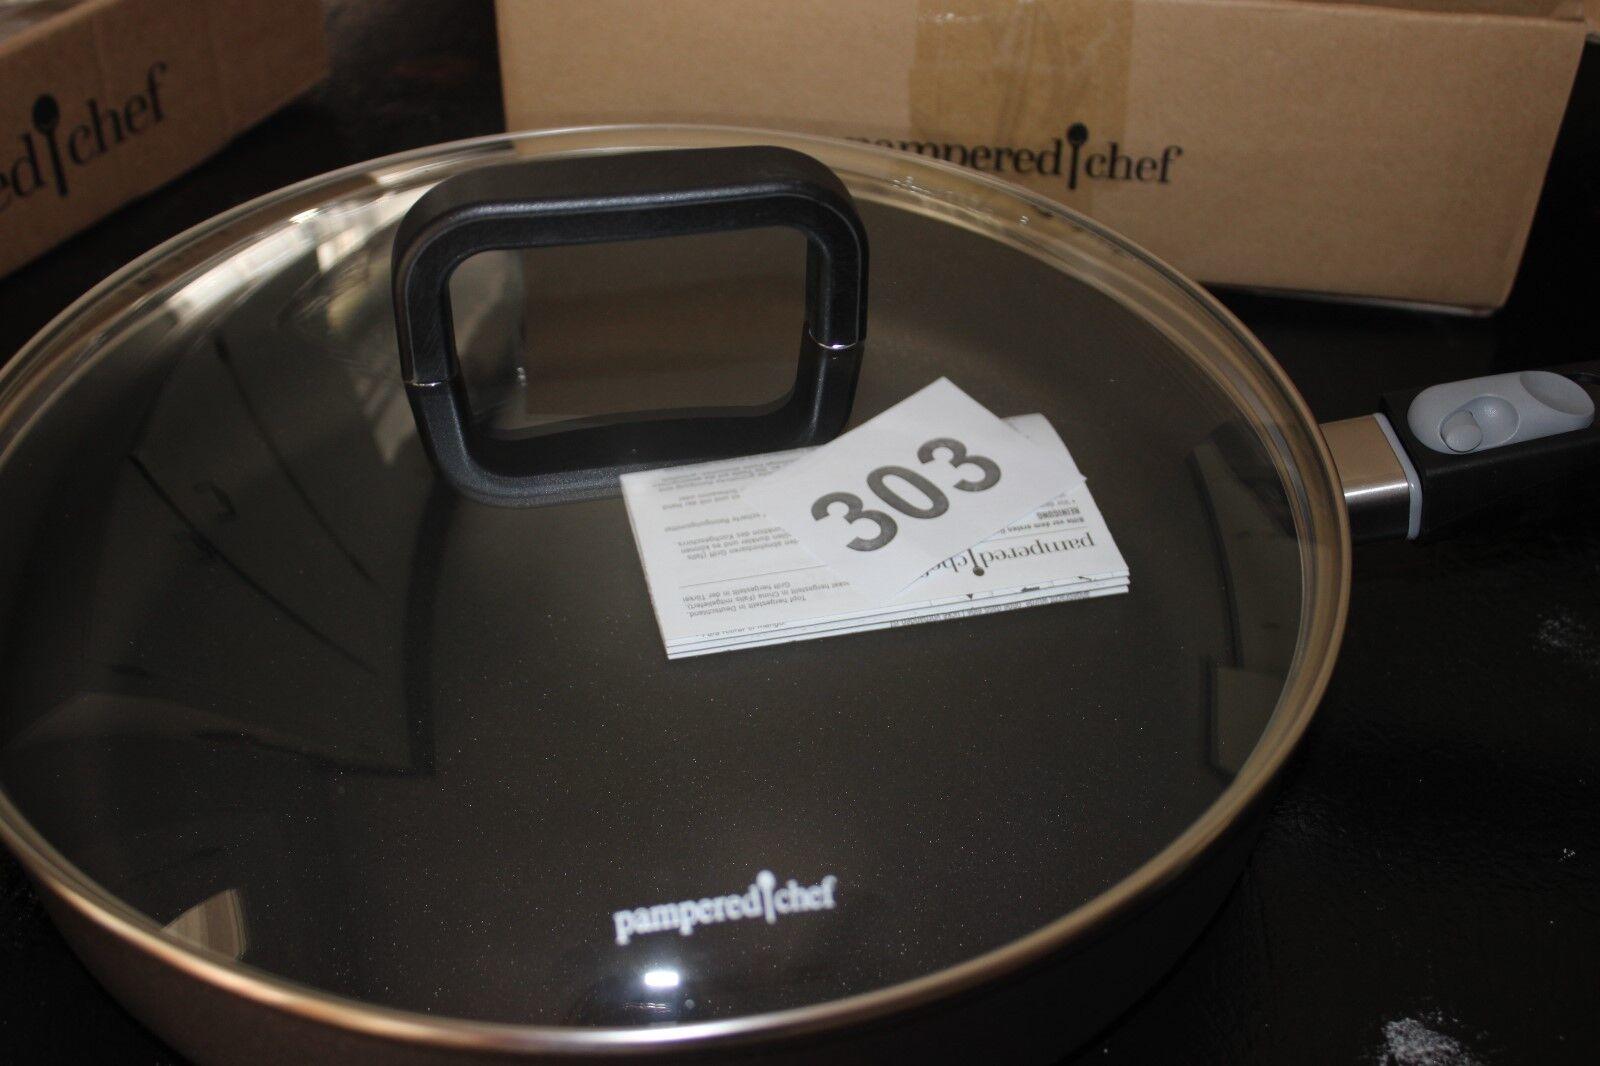 Pamperouge Chef nouveau 12  antiadhésif poêle objet  2737 amovible poignée avec couvercle  2747